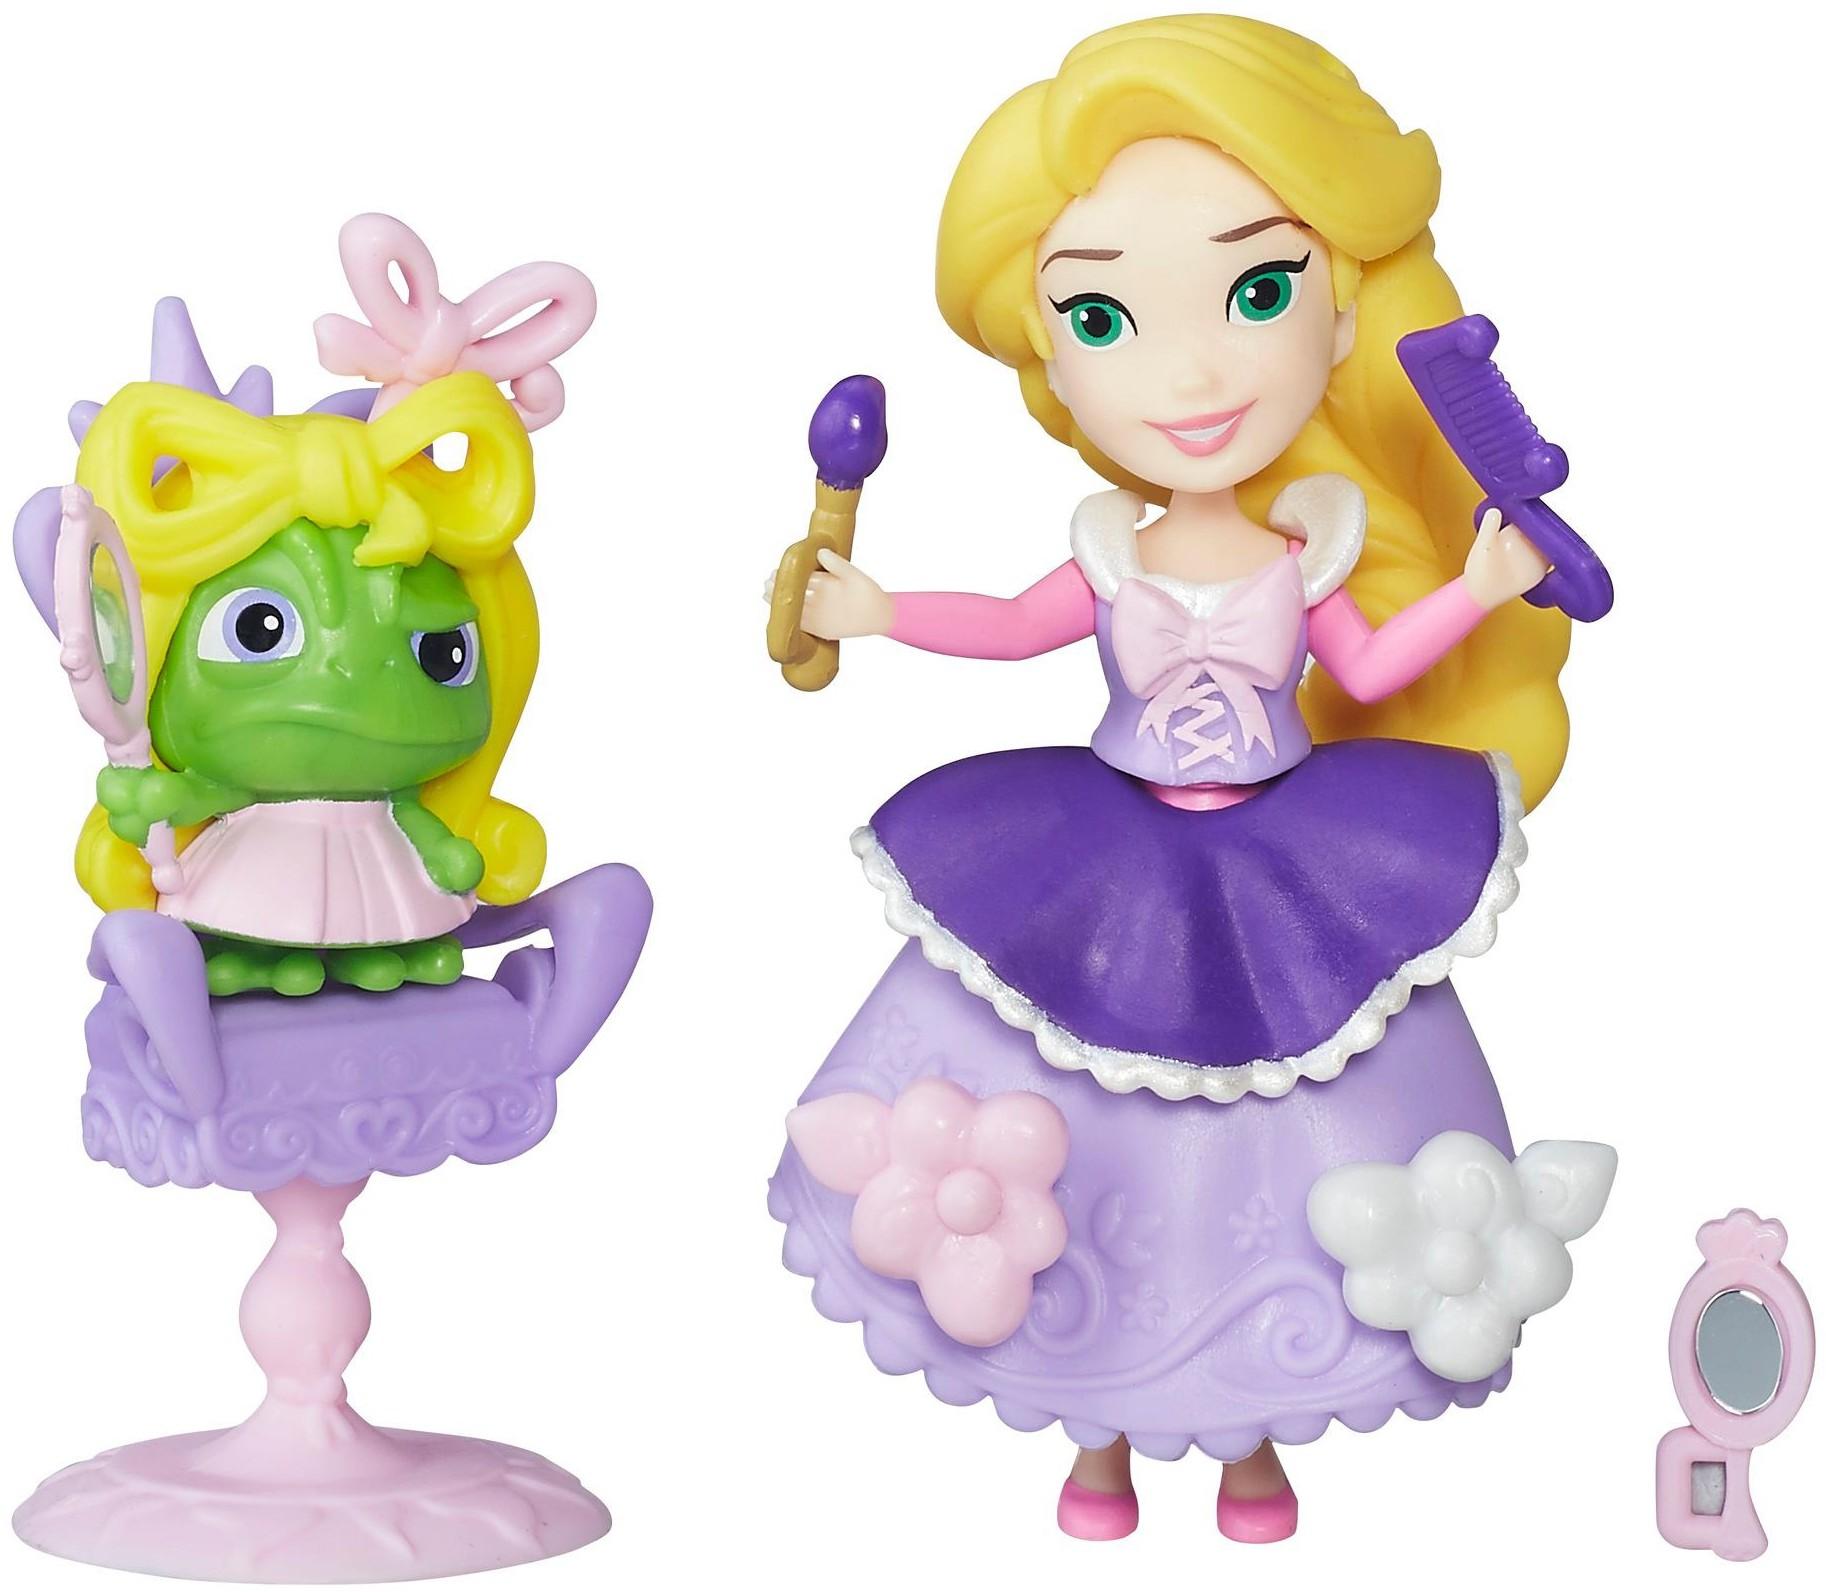 Disney Princess Disney Princess Маленькая Принцесса с аксессуарами sofia the first игровой набор с мини куклой принцесса эмбер и королевская арфа